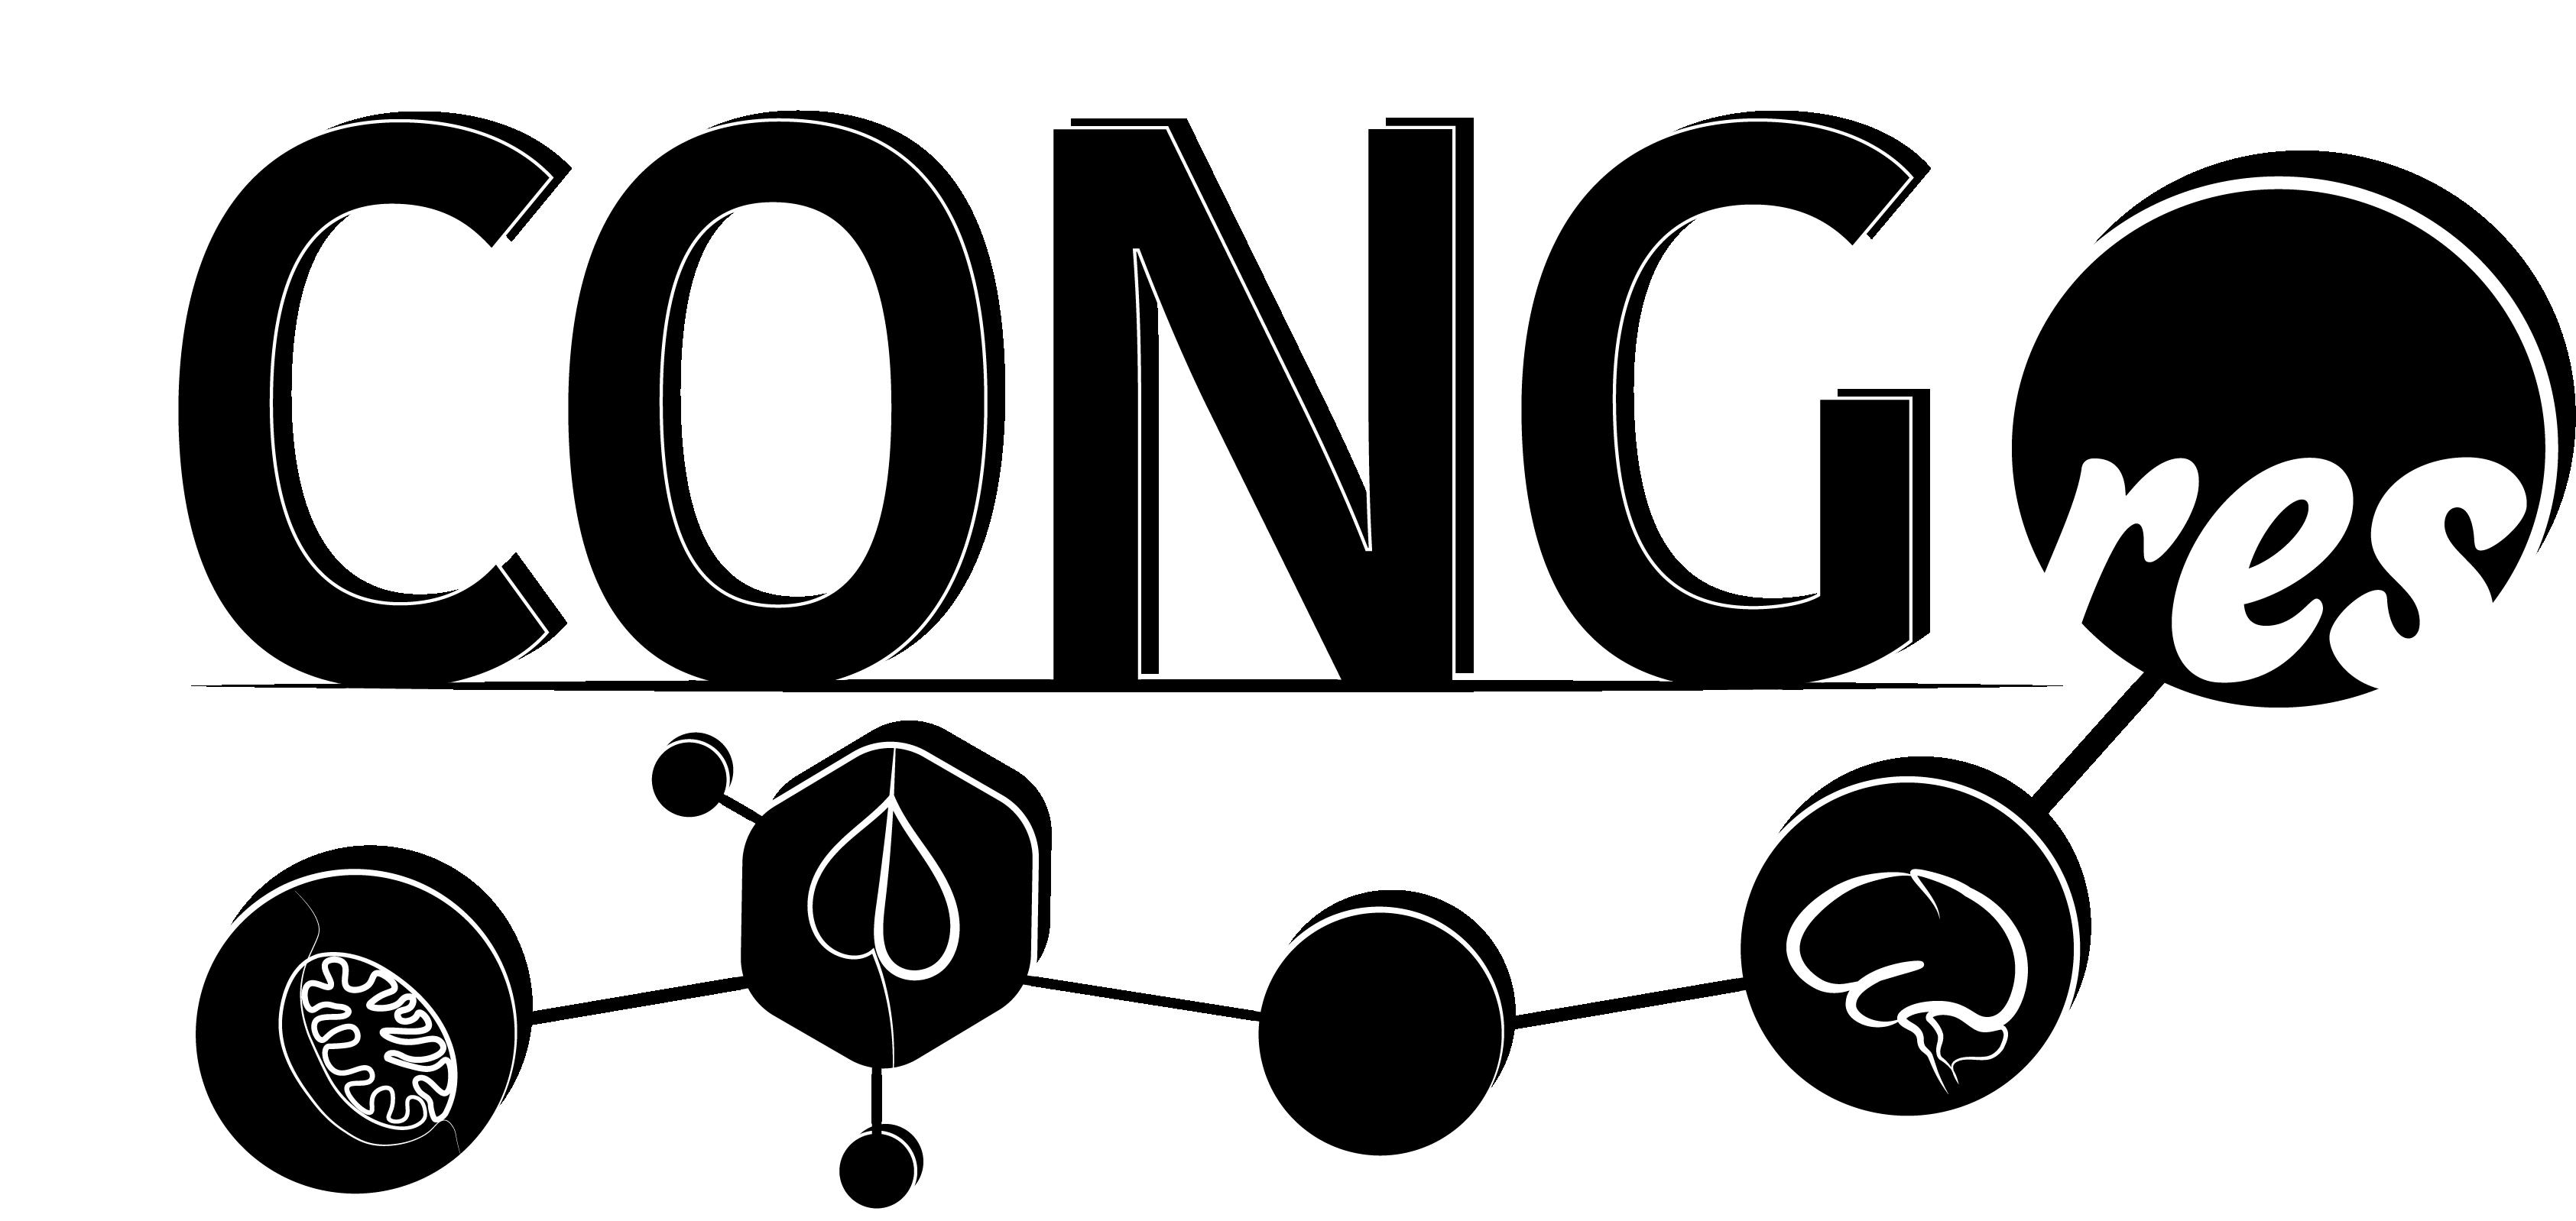 Congo's CONGres